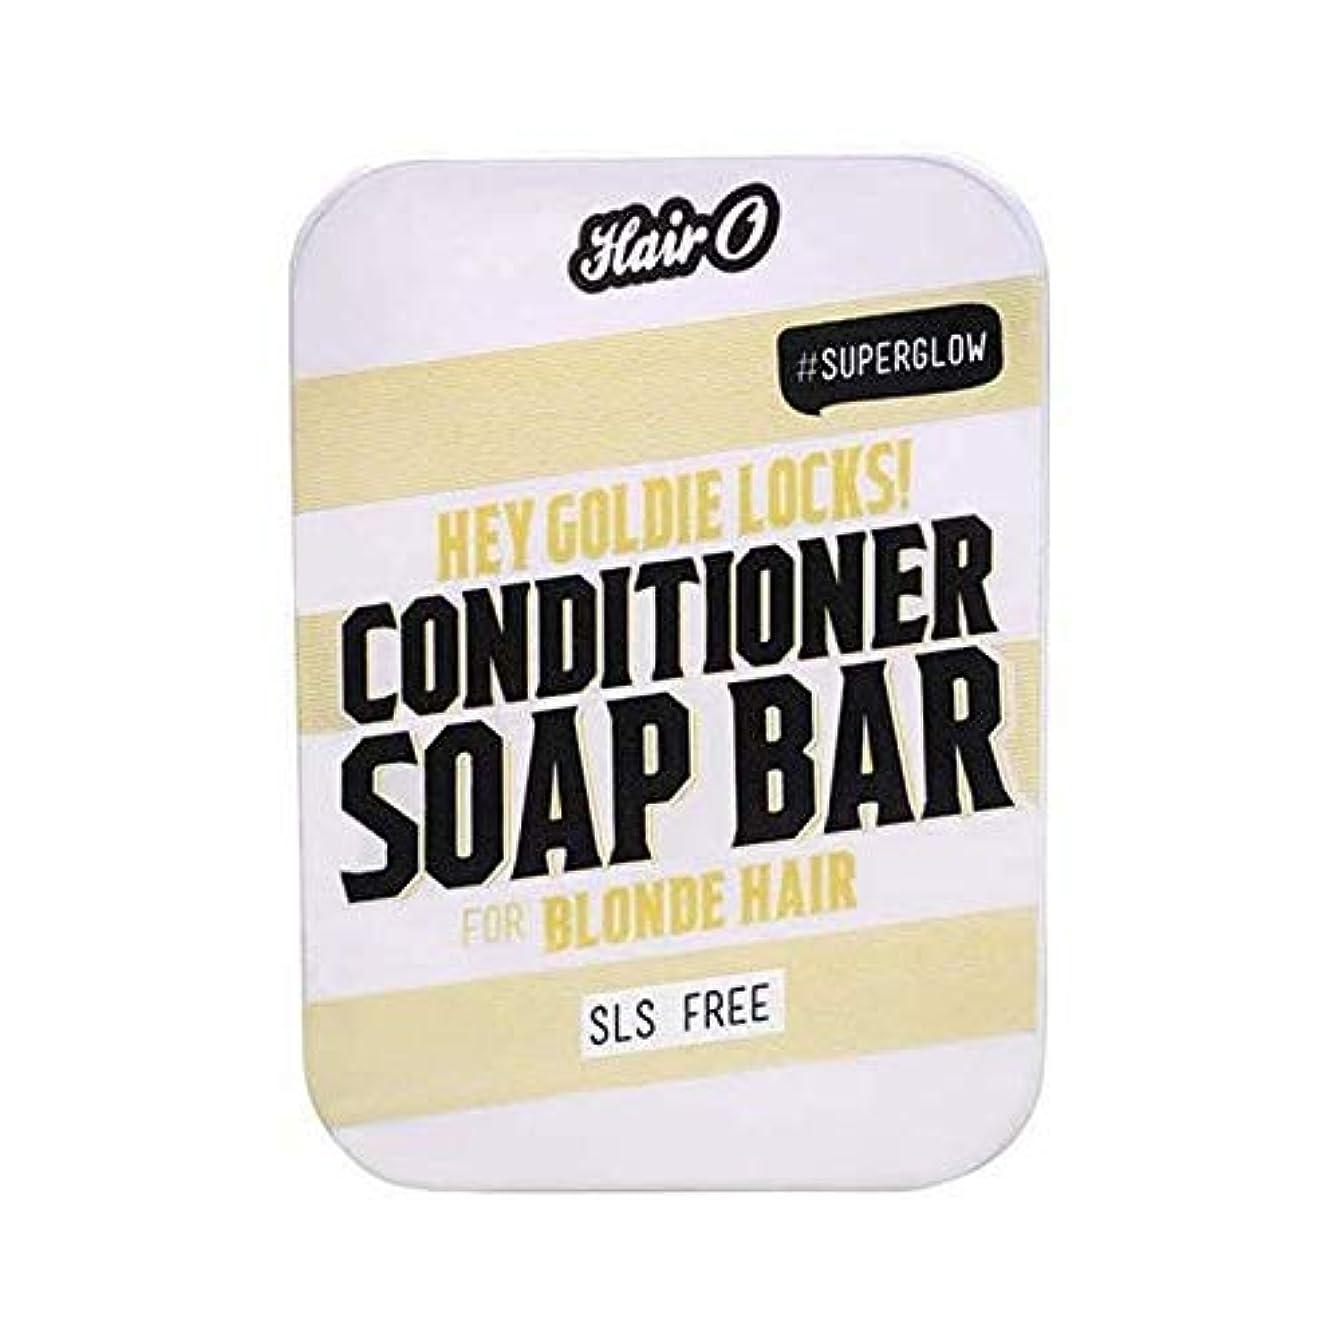 肝失伝説[Hair O ] 髪ちょっとOゴールディロックCondtioner石鹸バー100グラム - Hair O Hey Goldie Locks Condtioner Soap Bar 100g [並行輸入品]